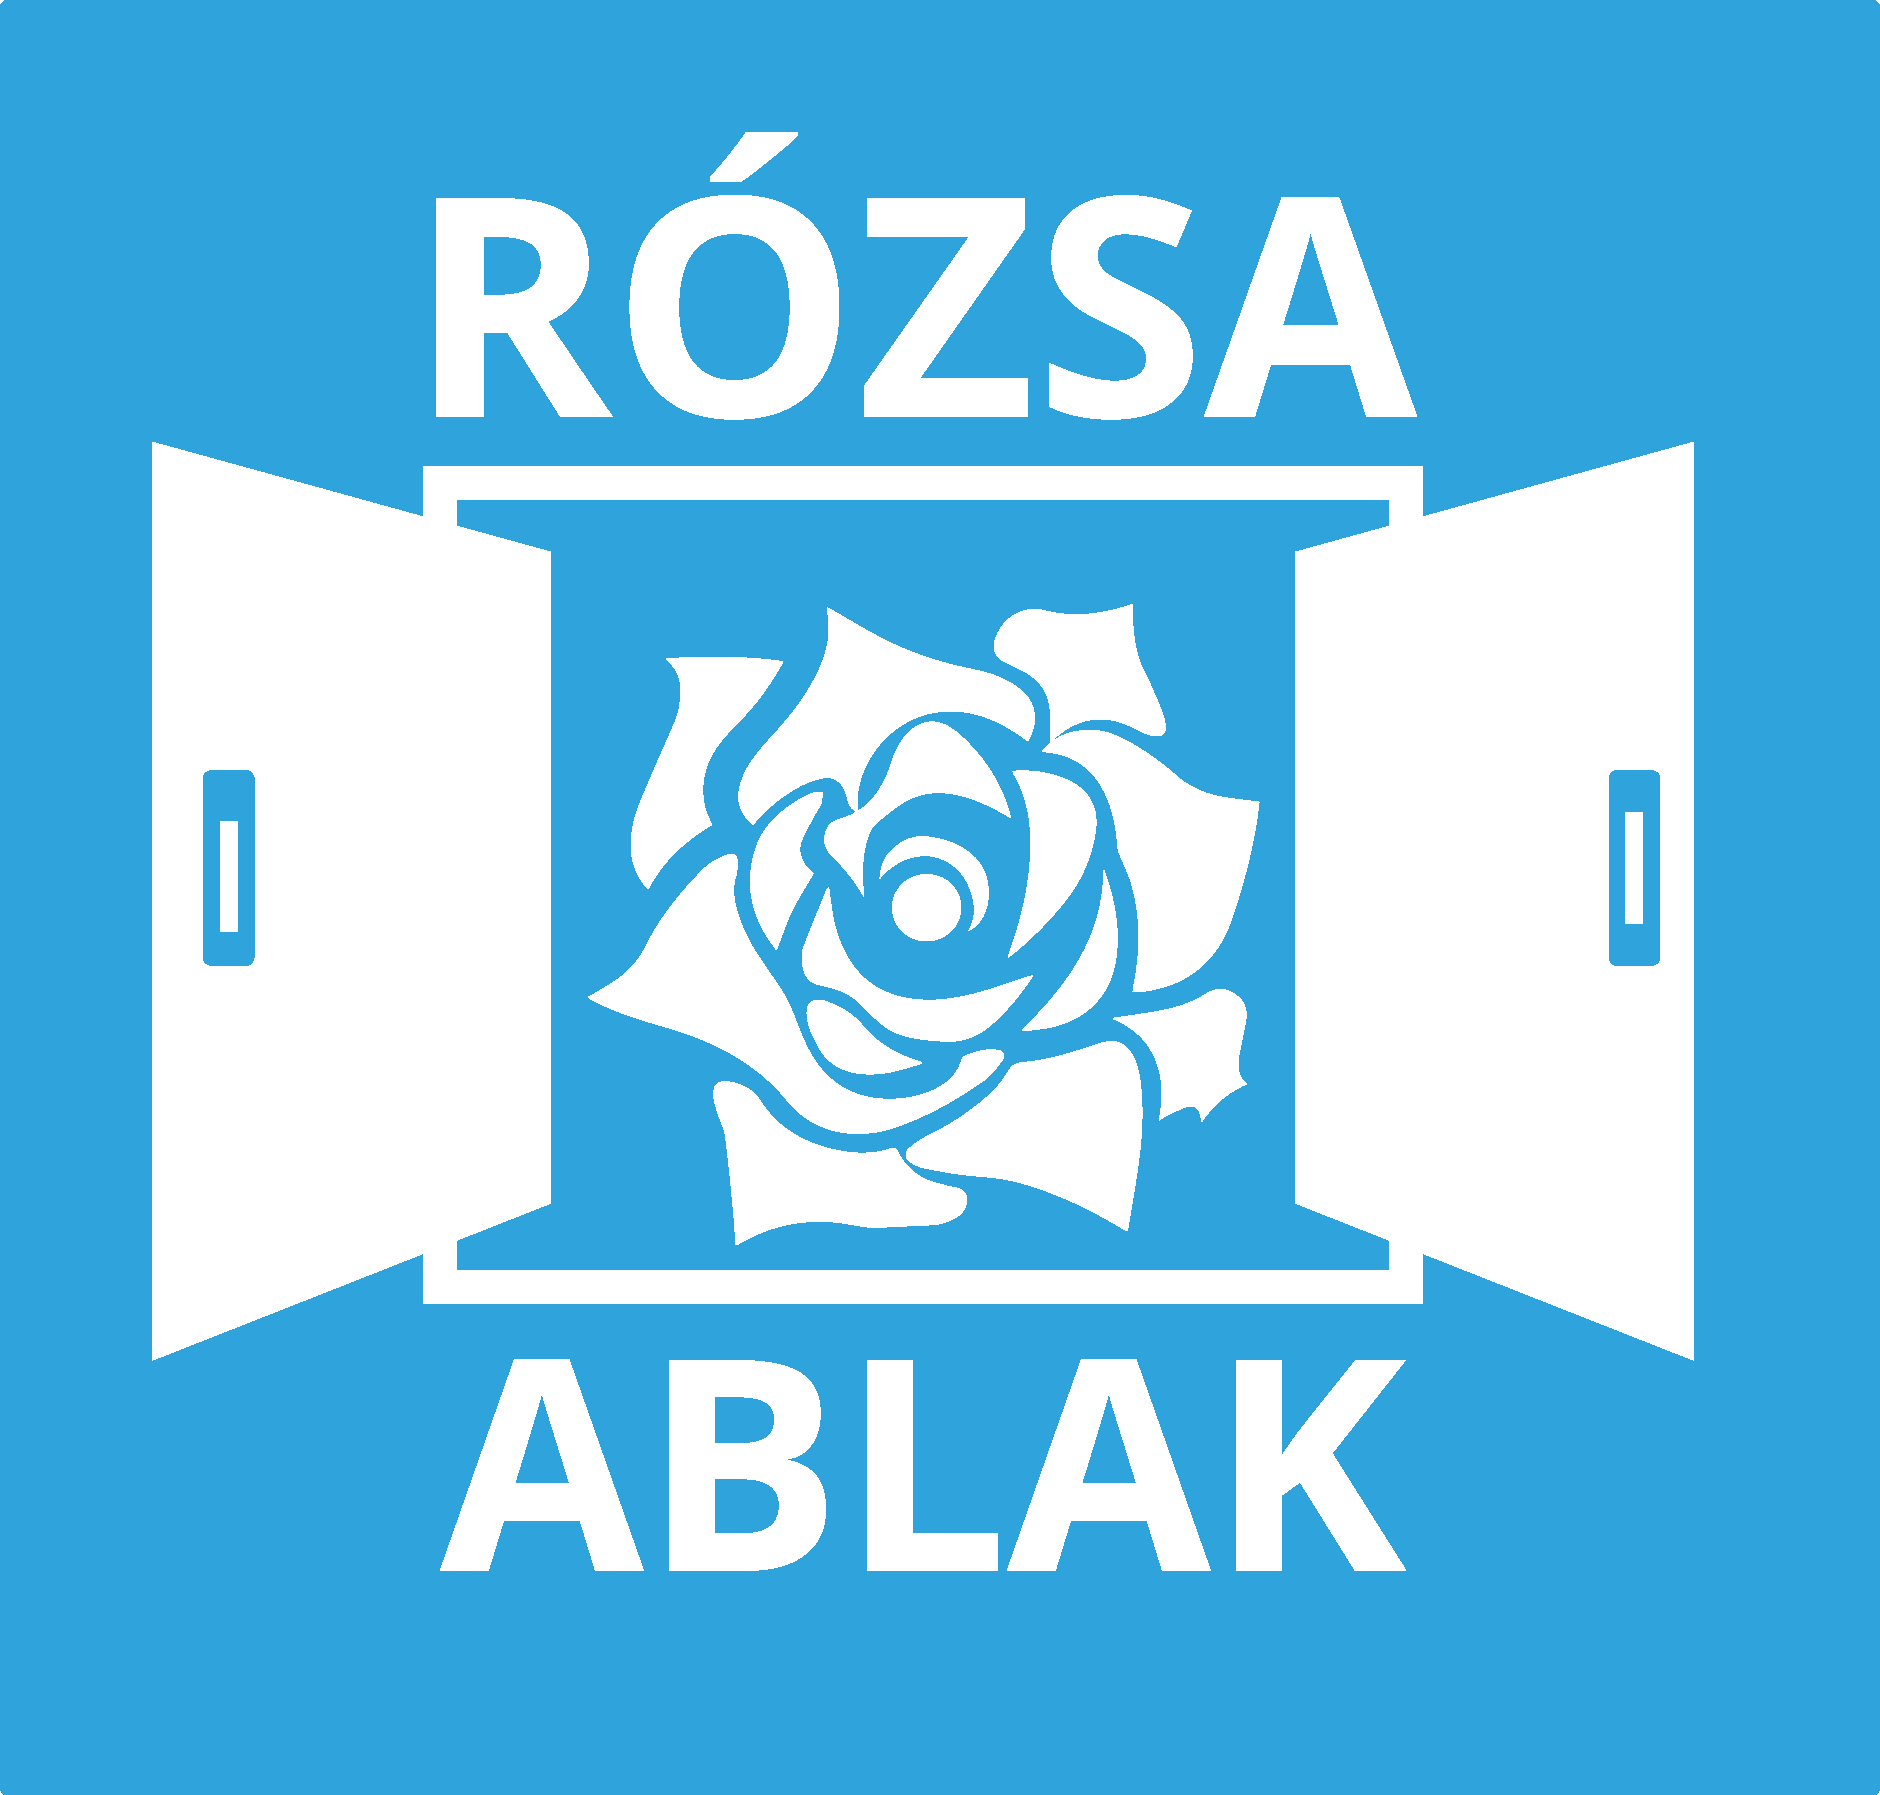 Rózsa Ablak